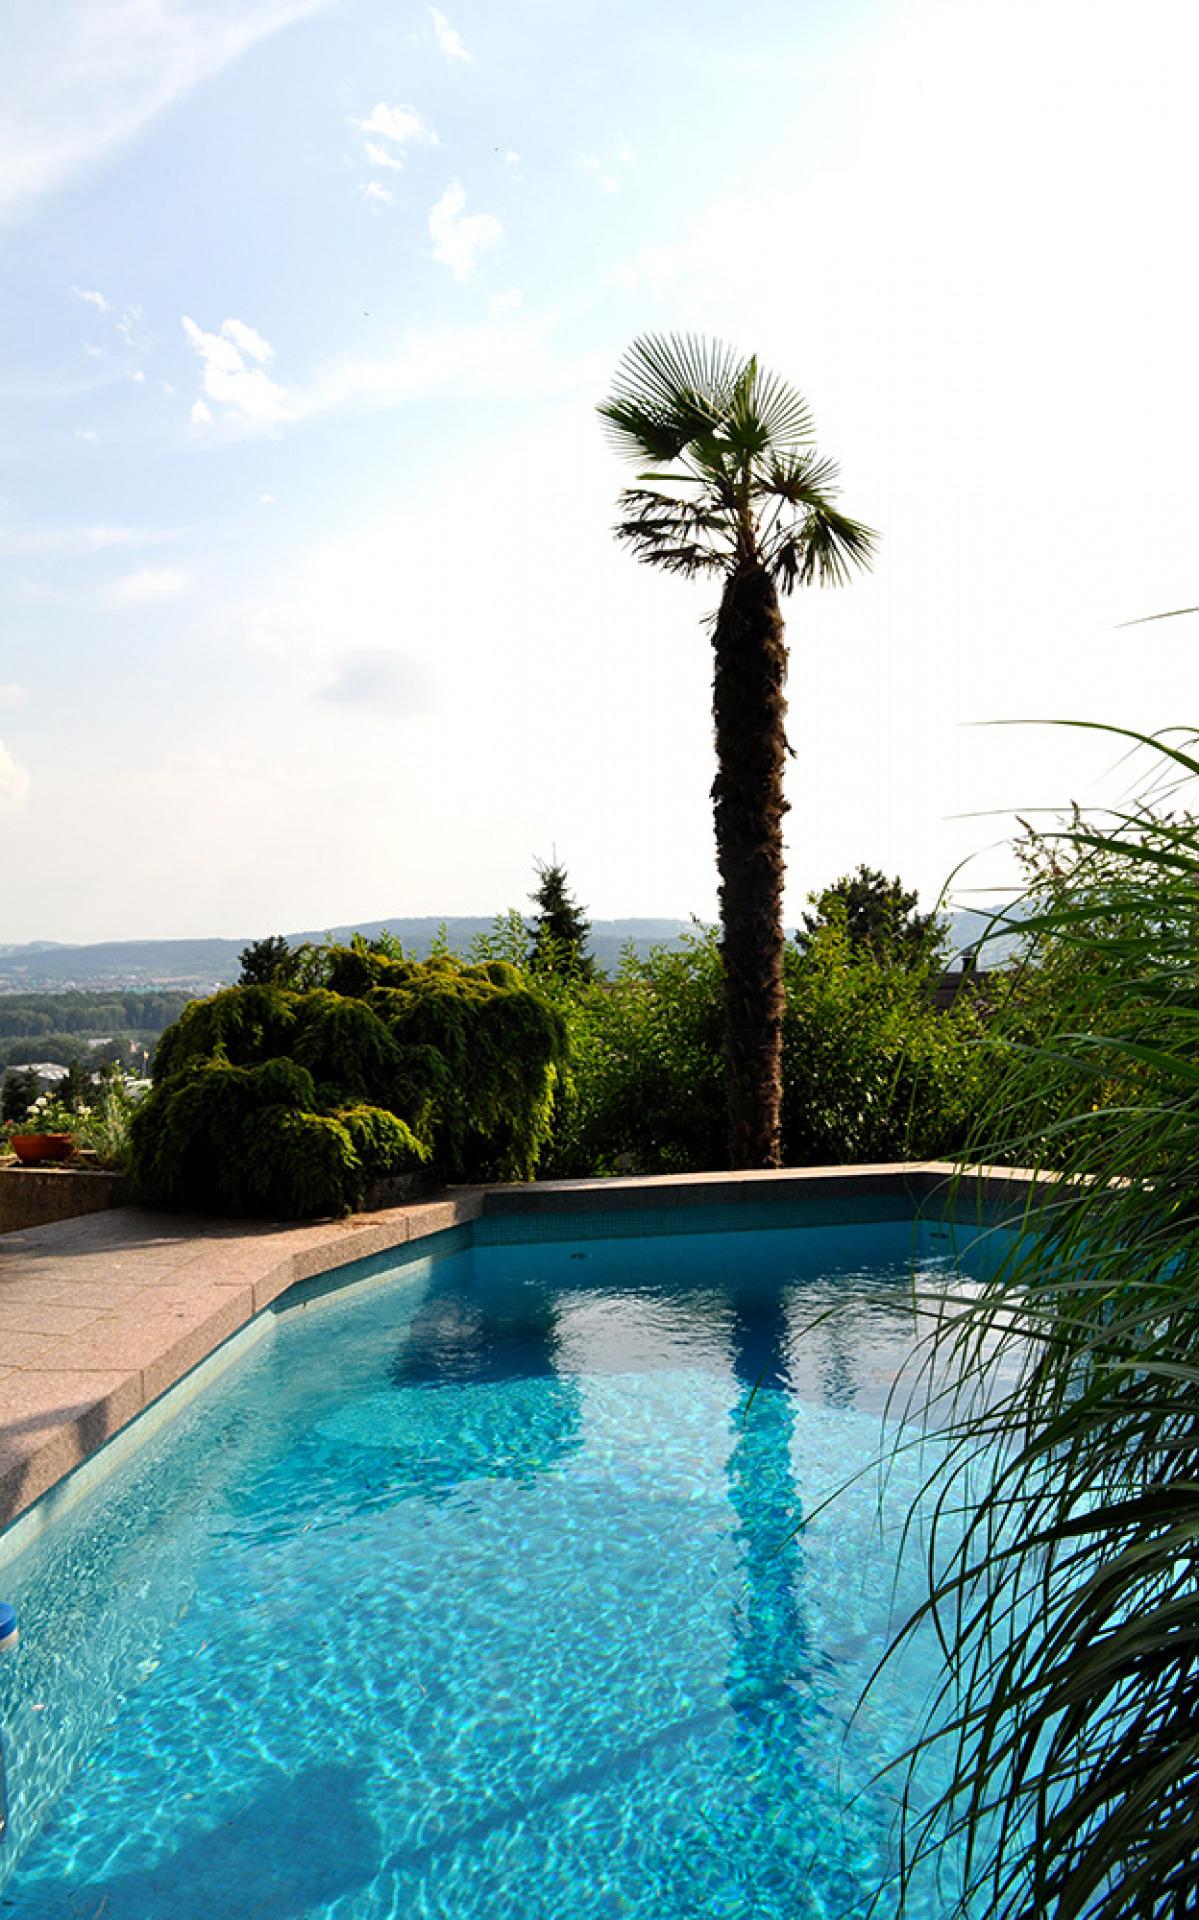 7 zimmer einfamilienhaus mit pool referenzen marisol garcia borkheim immobilien. Black Bedroom Furniture Sets. Home Design Ideas